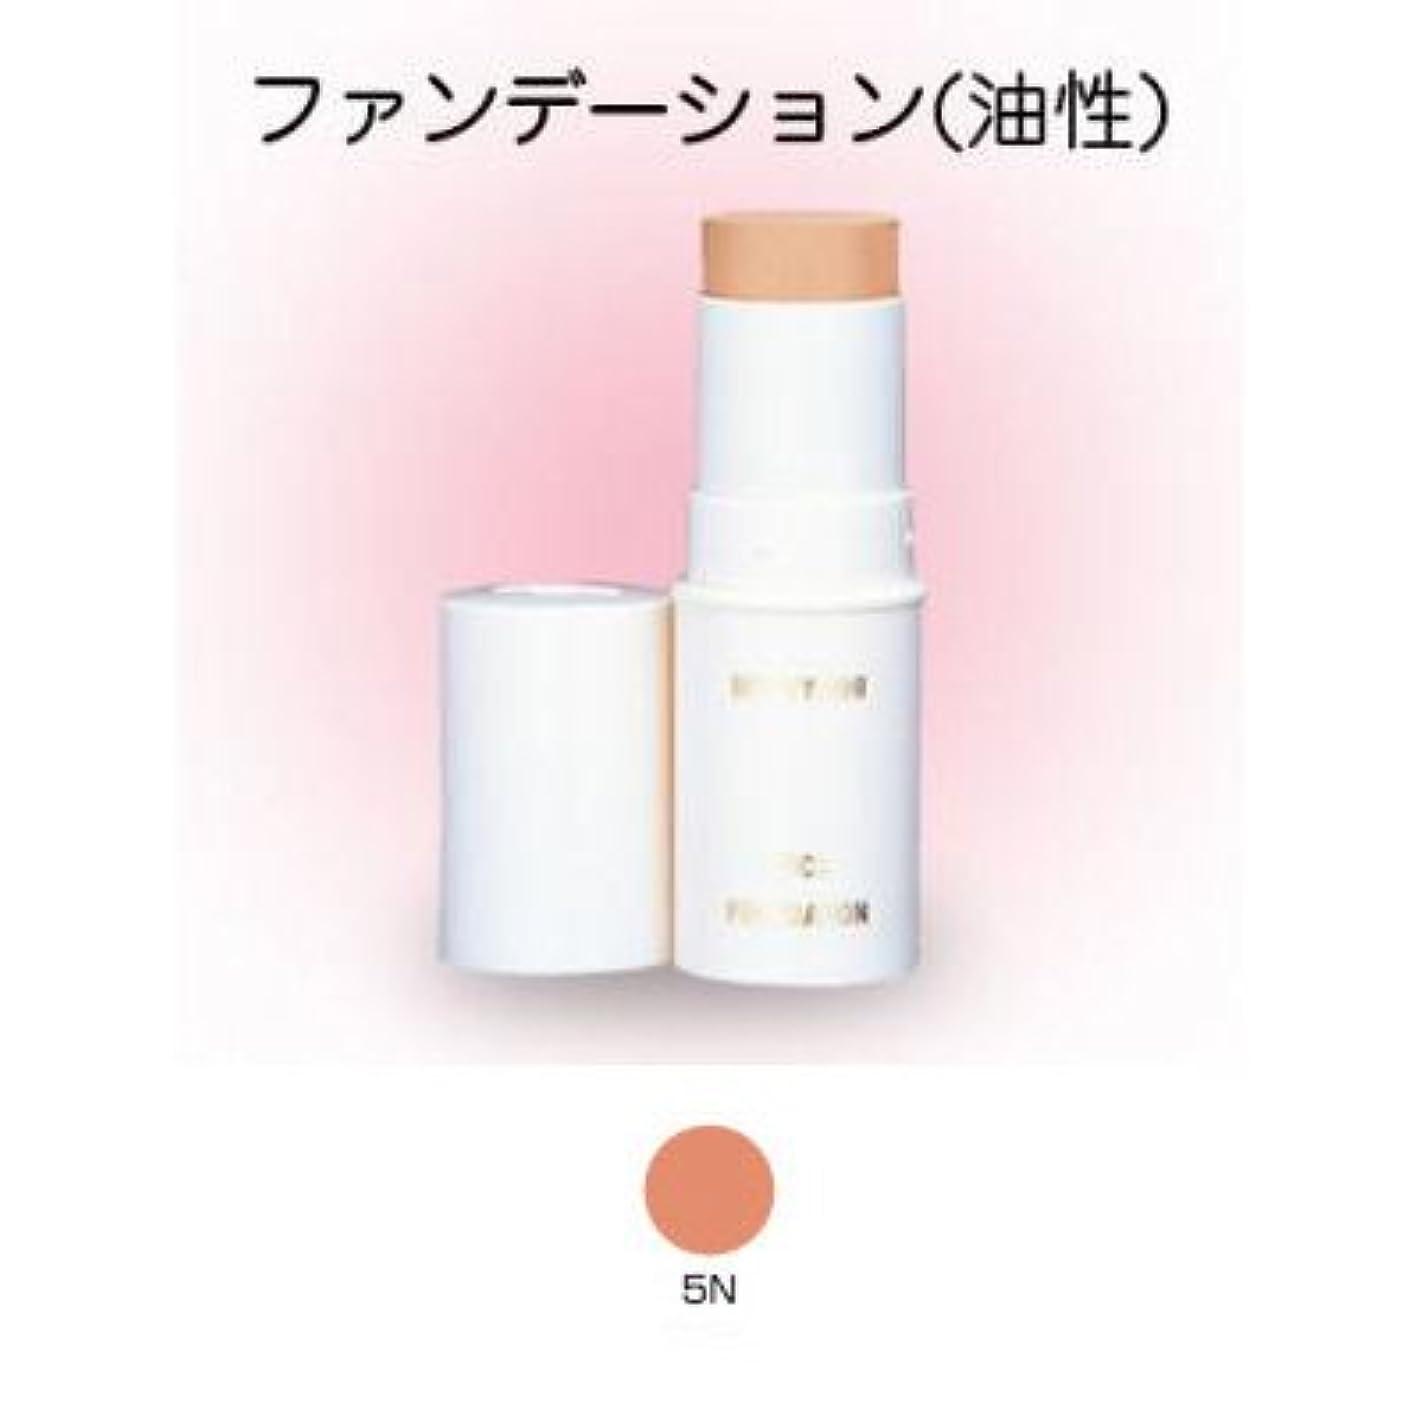 鎮痛剤推進力確執スティックファンデーション 16g 5N 【三善】